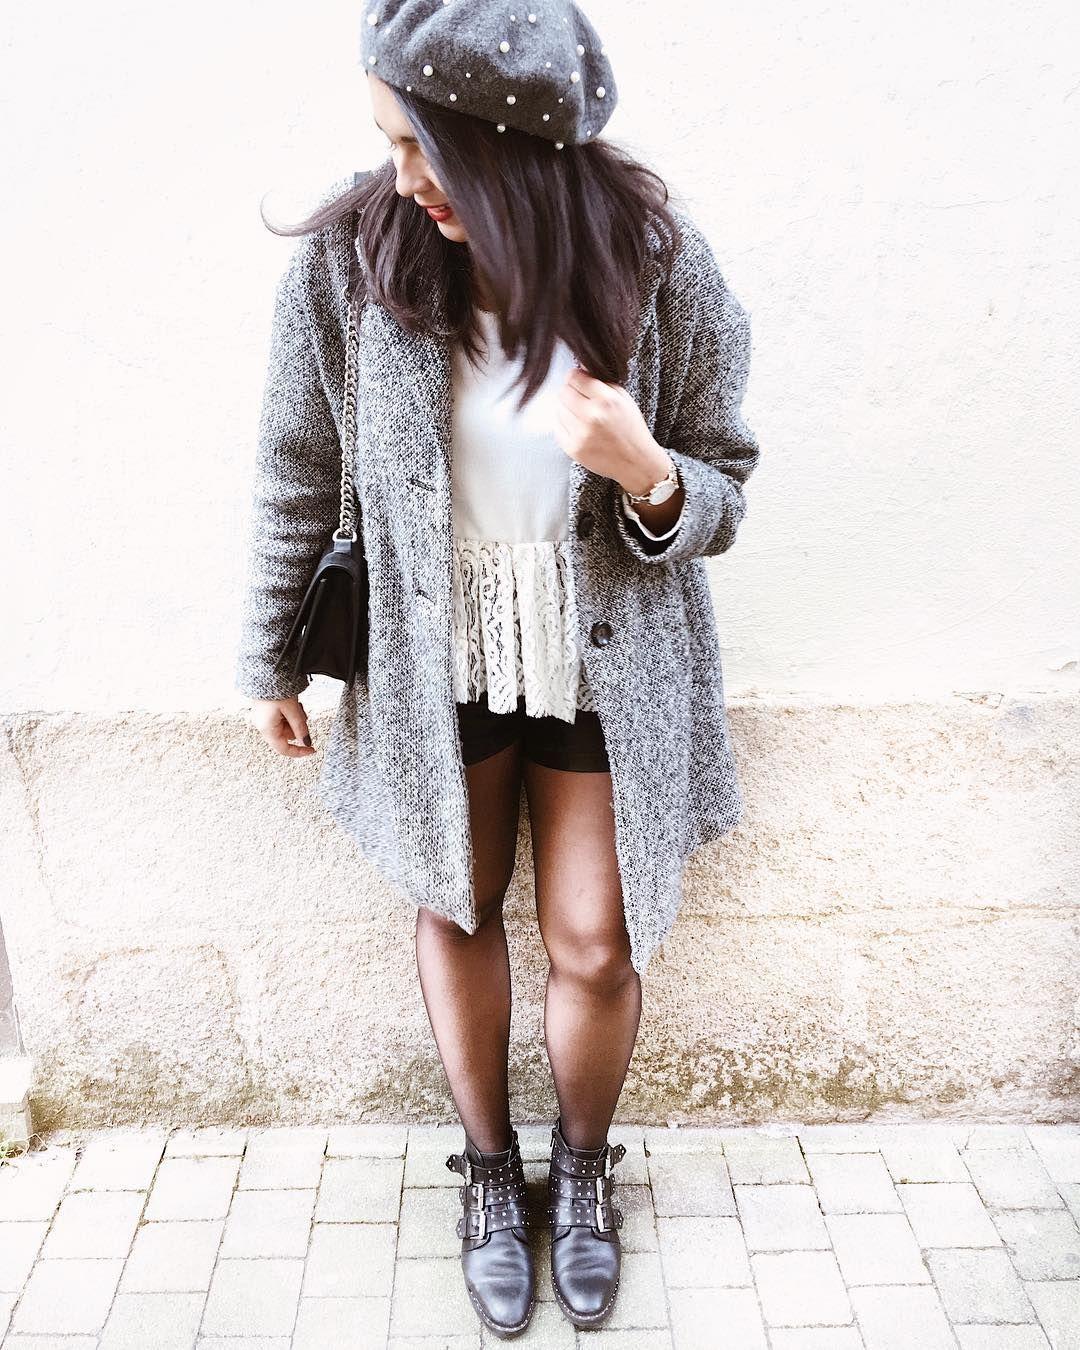 Look d'hiver : béret avec perles, blouse en dentelle, short